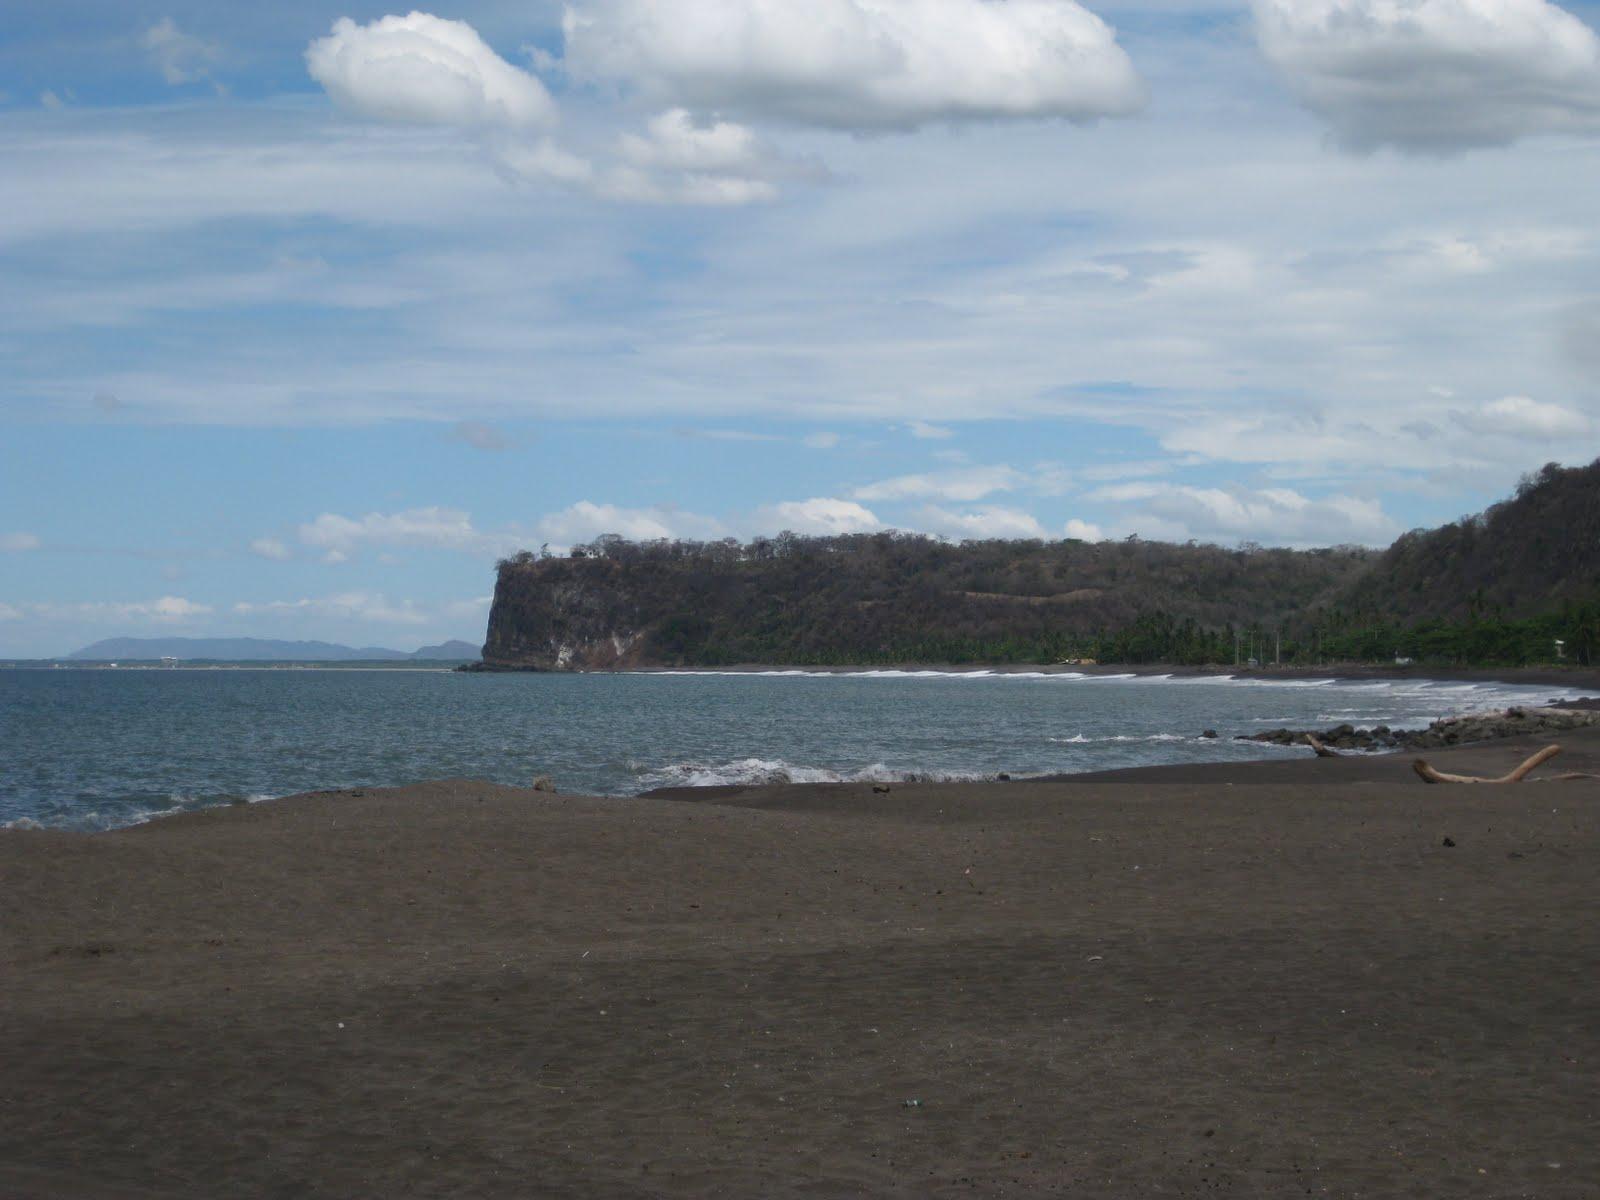 http://4.bp.blogspot.com/-YYiKishjIX4/TfD2IW0YgMI/AAAAAAAAARM/fOsJ3mknLcg/s1600/Puerto+y+Playa+Caldera.JPG